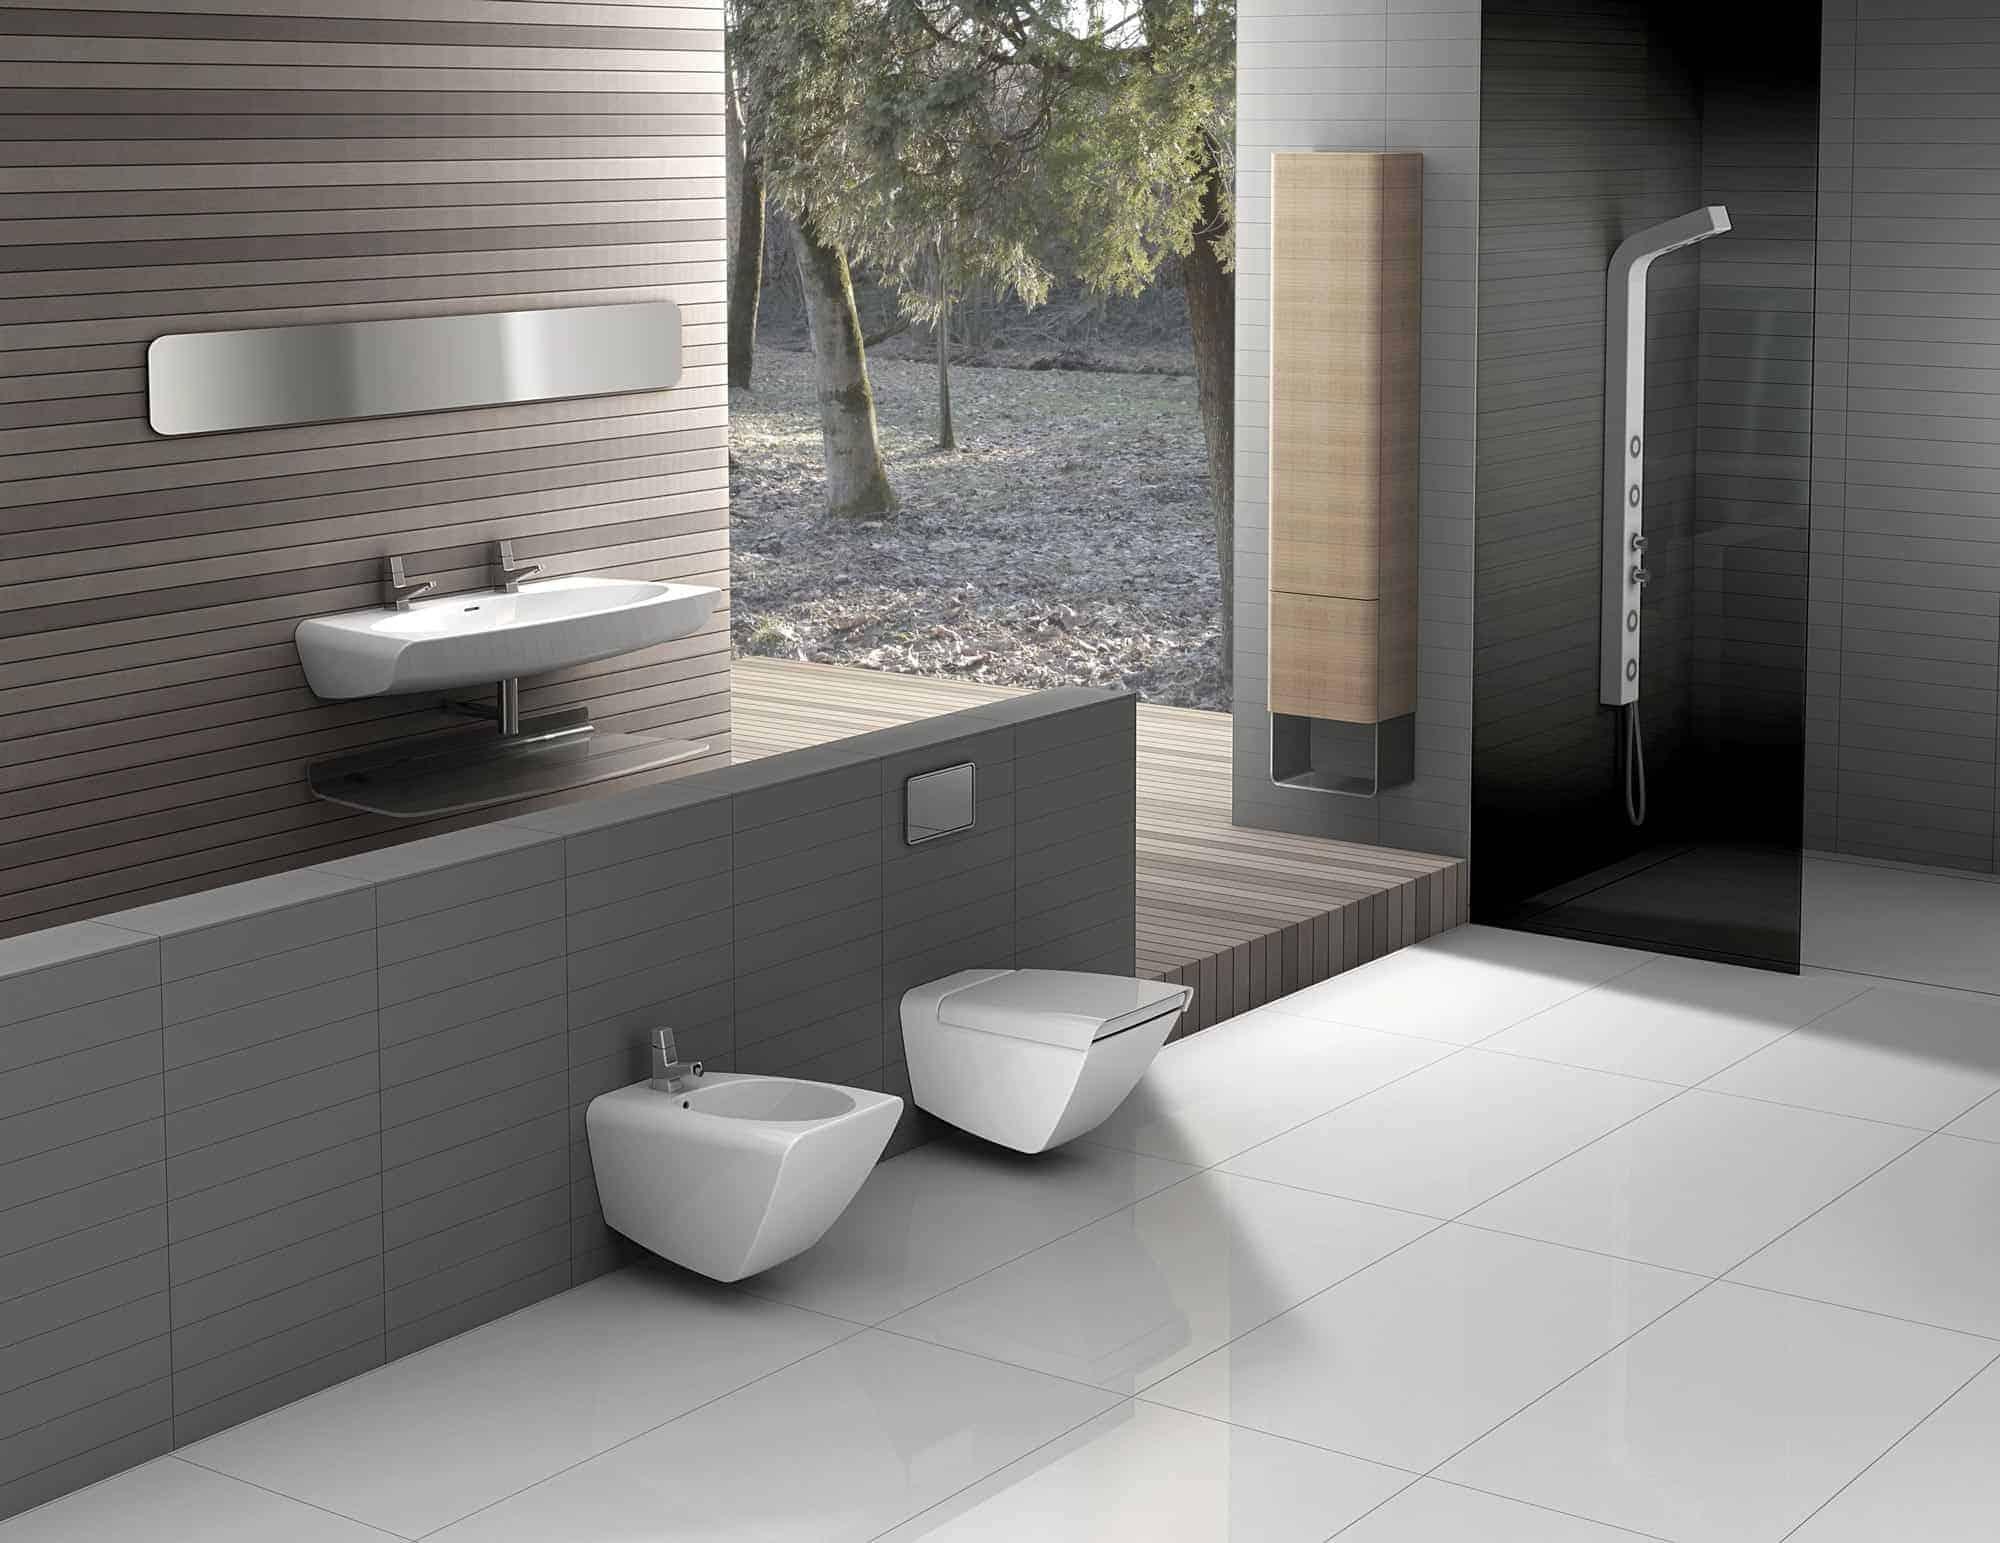 Magasin d 39 accessoires pour salle de bain design pierdeco for Magasin pour salle de bain